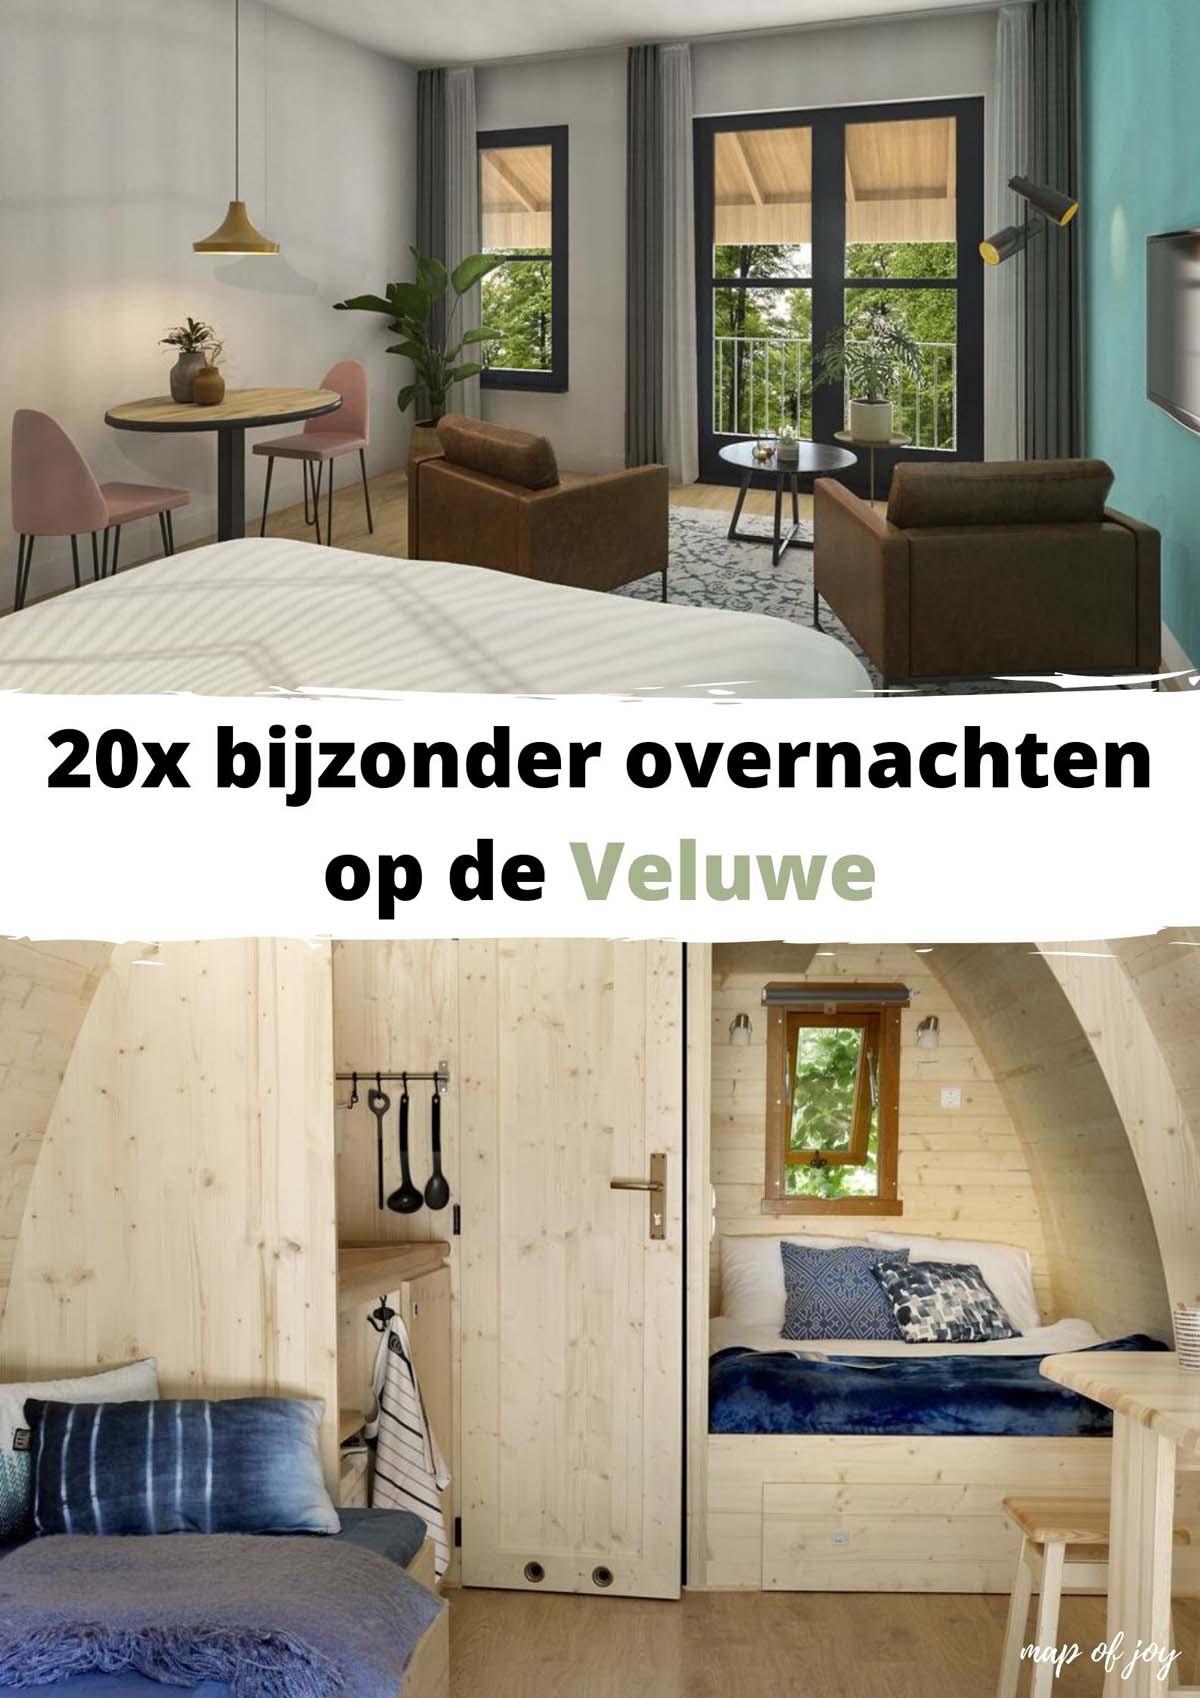 20x bijzonder overnachten op de Veluwe